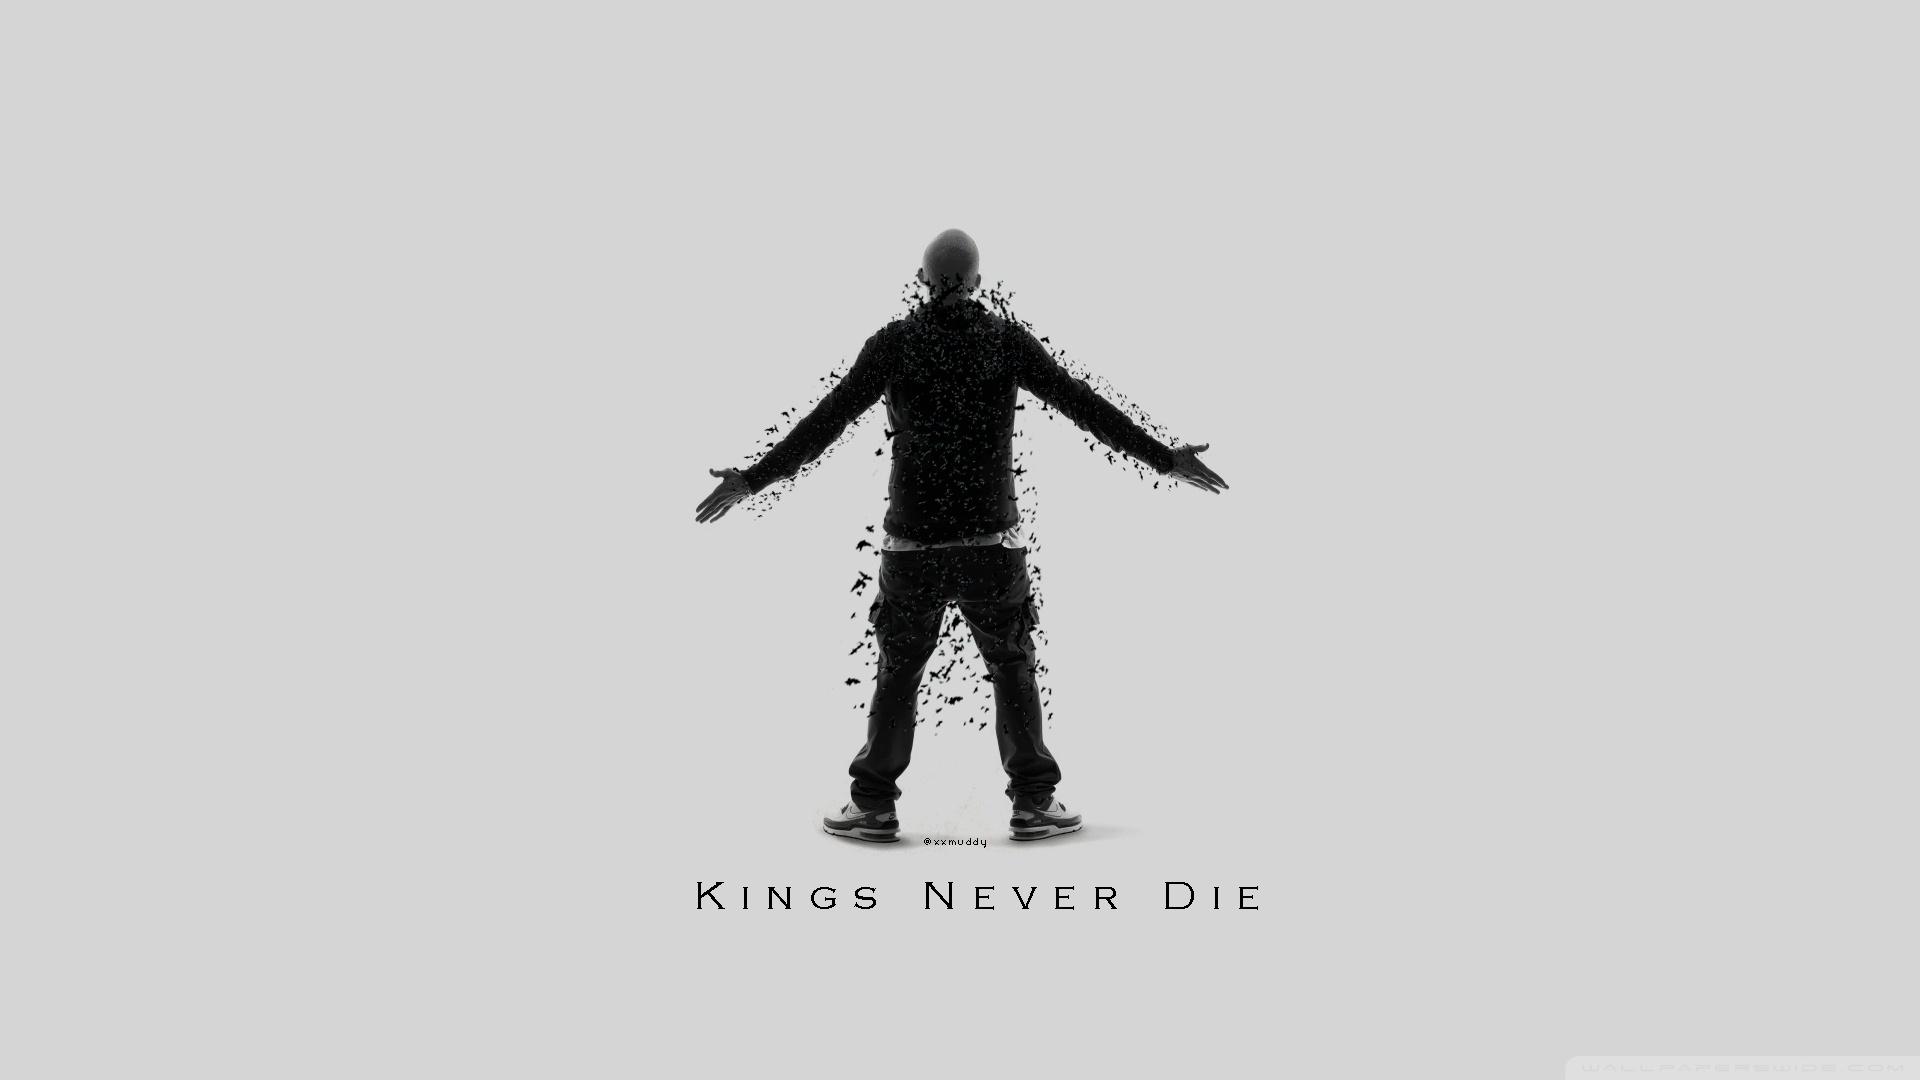 Free Download Eminem Kings Never Die 4k Hd Desktop Wallpaper For 4k Ultra Hd 1920x1080 For Your Desktop Mobile Tablet Explore 32 Wallpaper Computer Eminem Hip Hop Wallpaper Computer